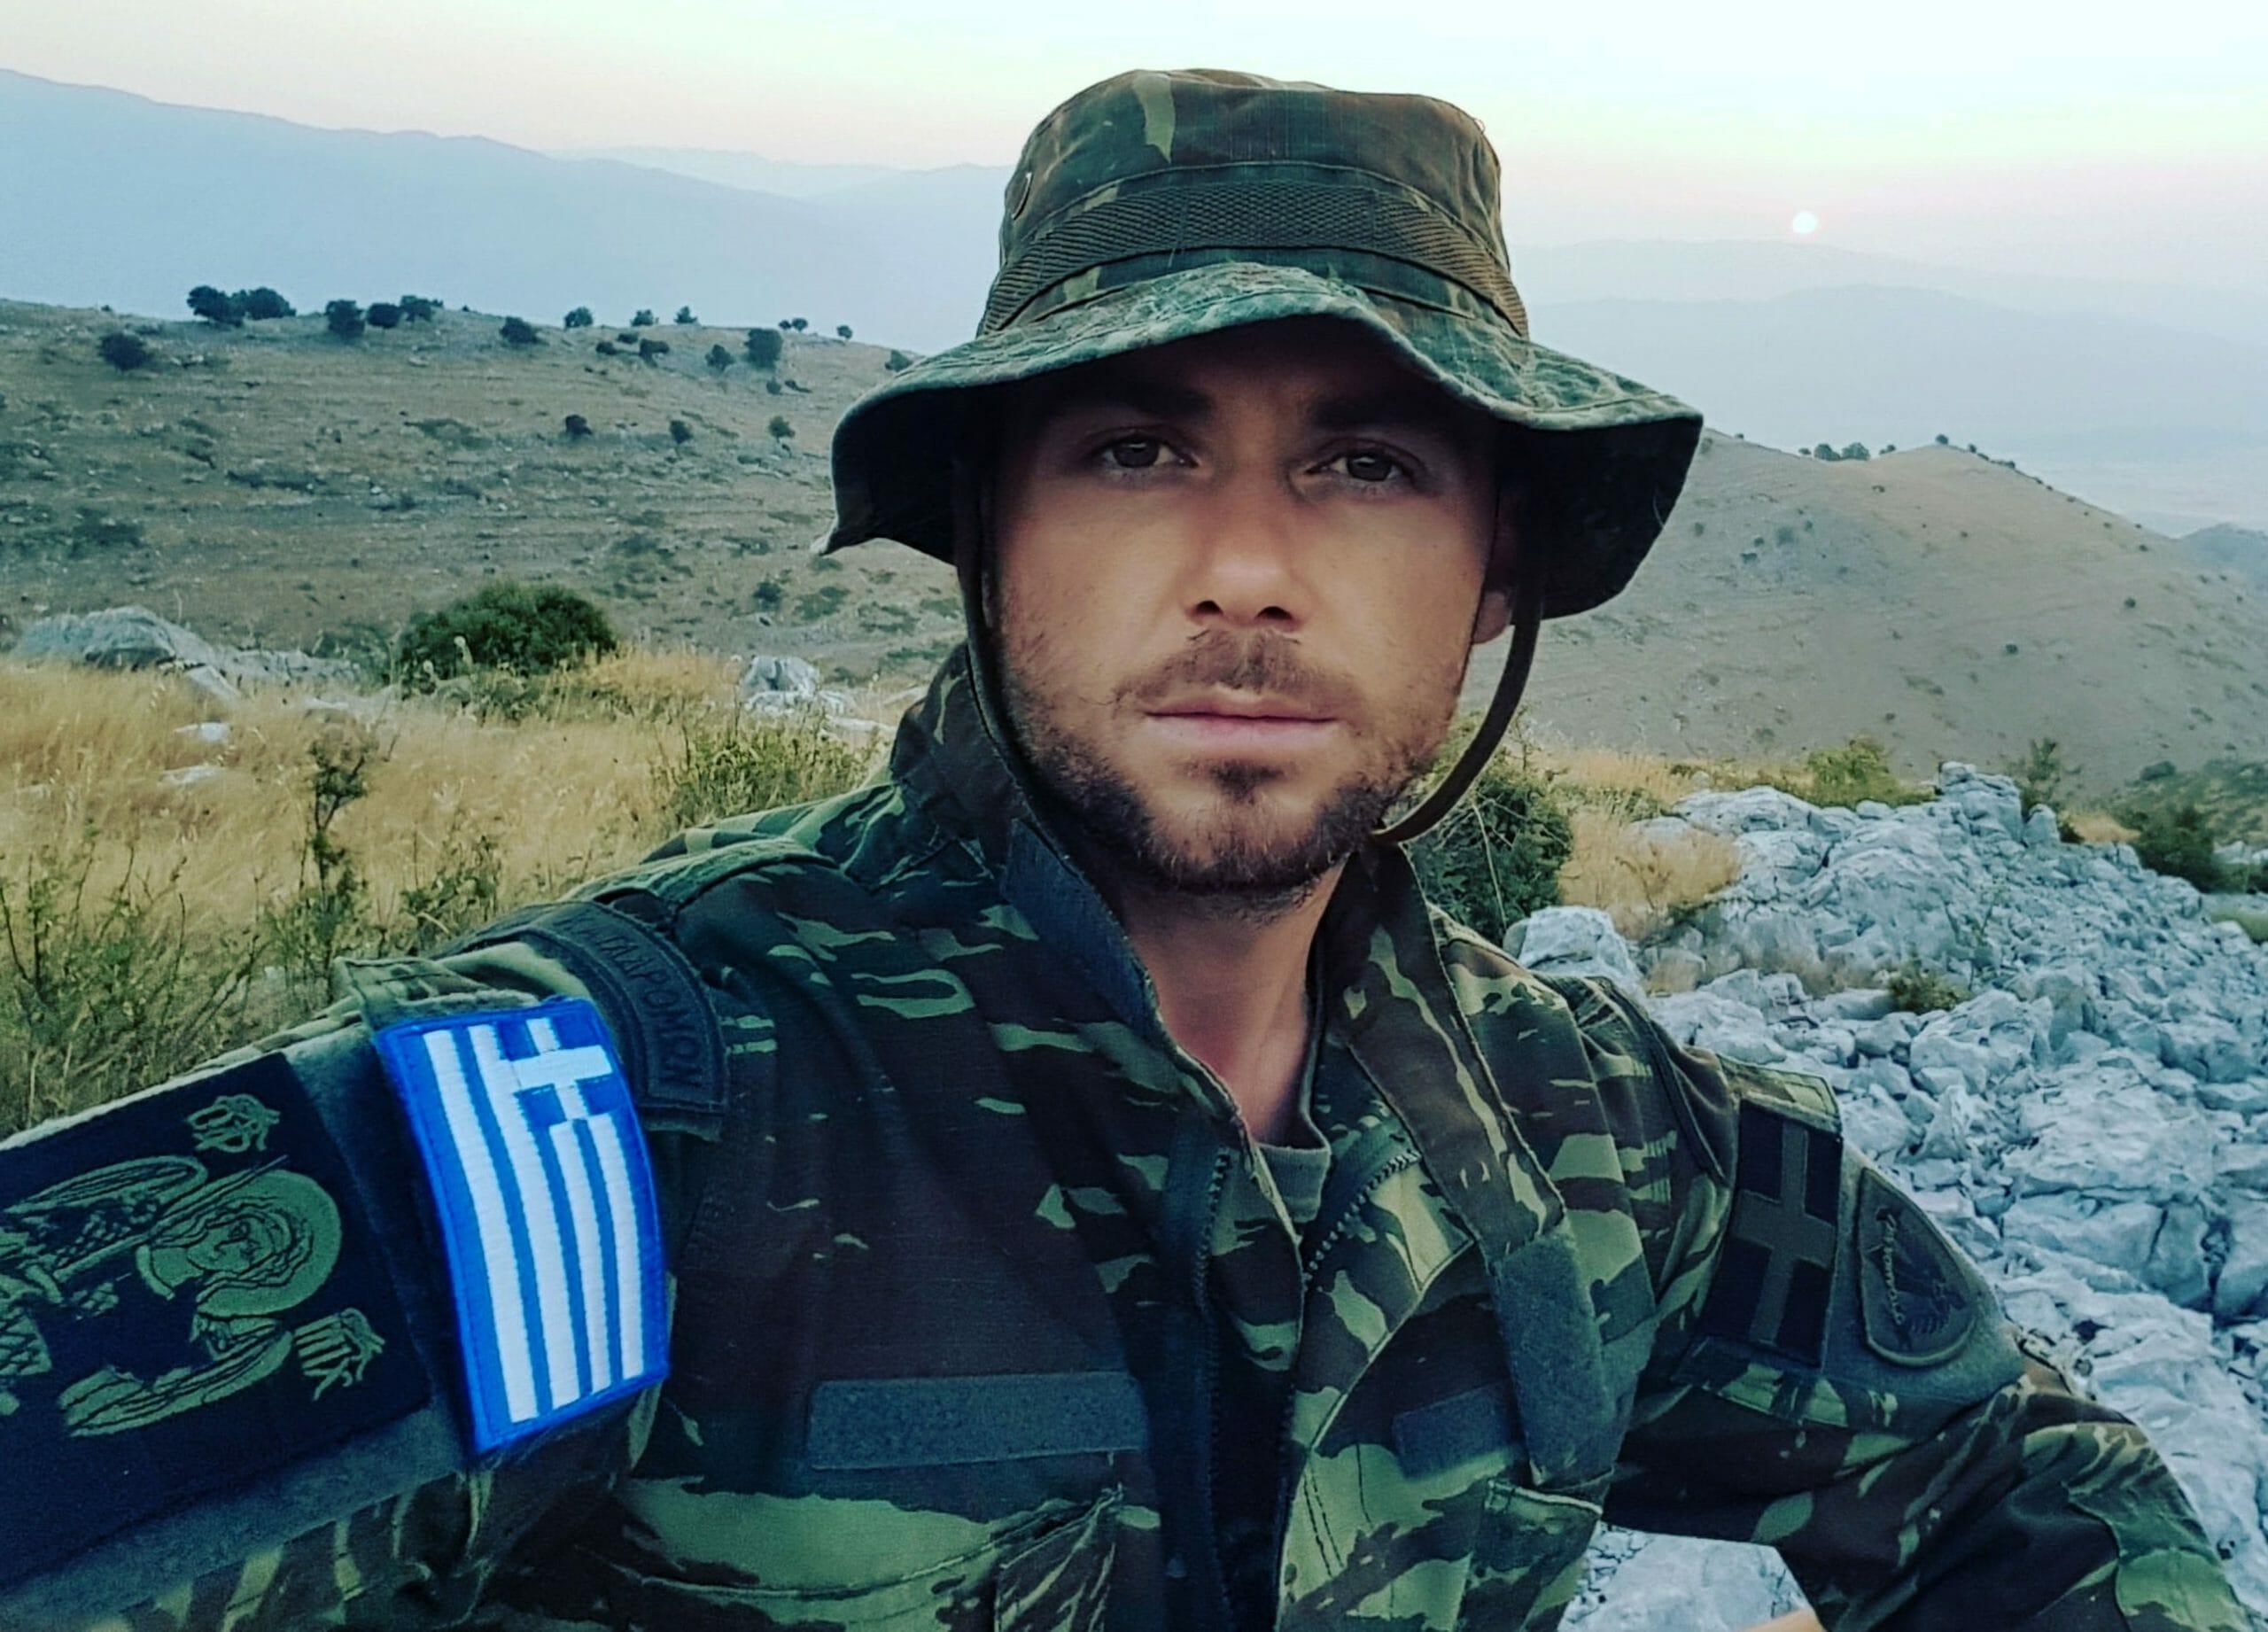 Κωνσταντίνος Κατσίφας: Παρέμβαση του υπουργείου Εξωτερικών – «Δεν έχει εκδοθεί τελική απόφαση»